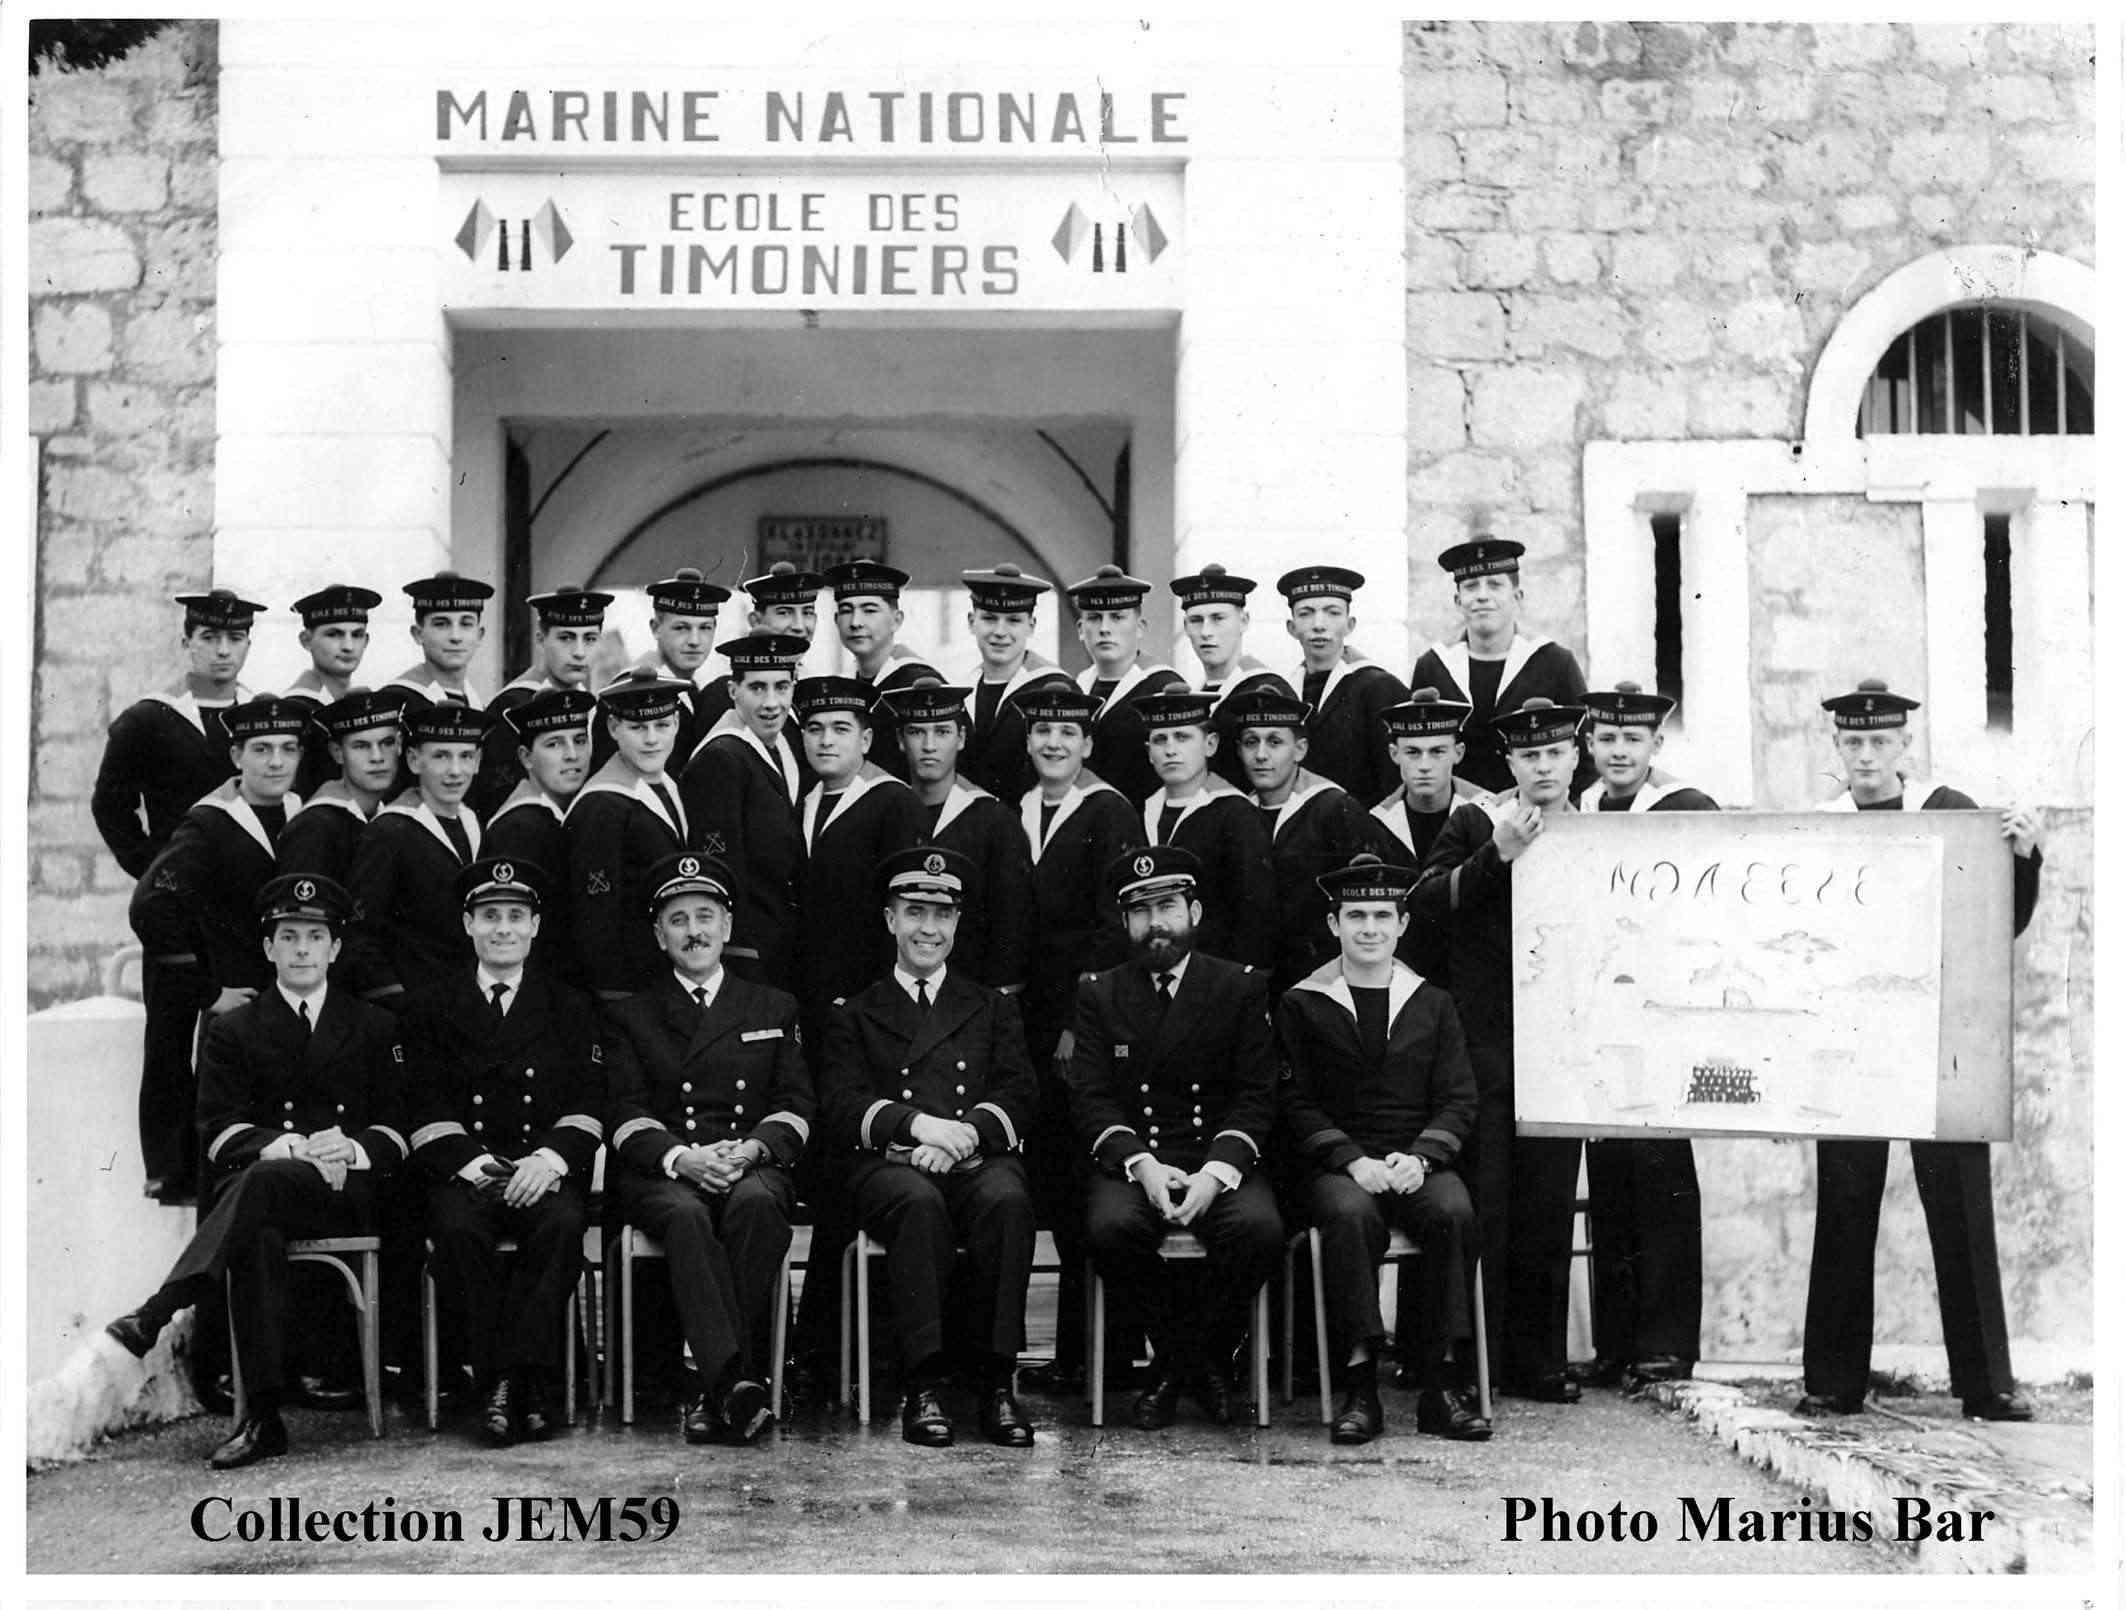 ALBUM PHOTOS DE COURS - ÉCOLE DES TIMONIERS 1967_112